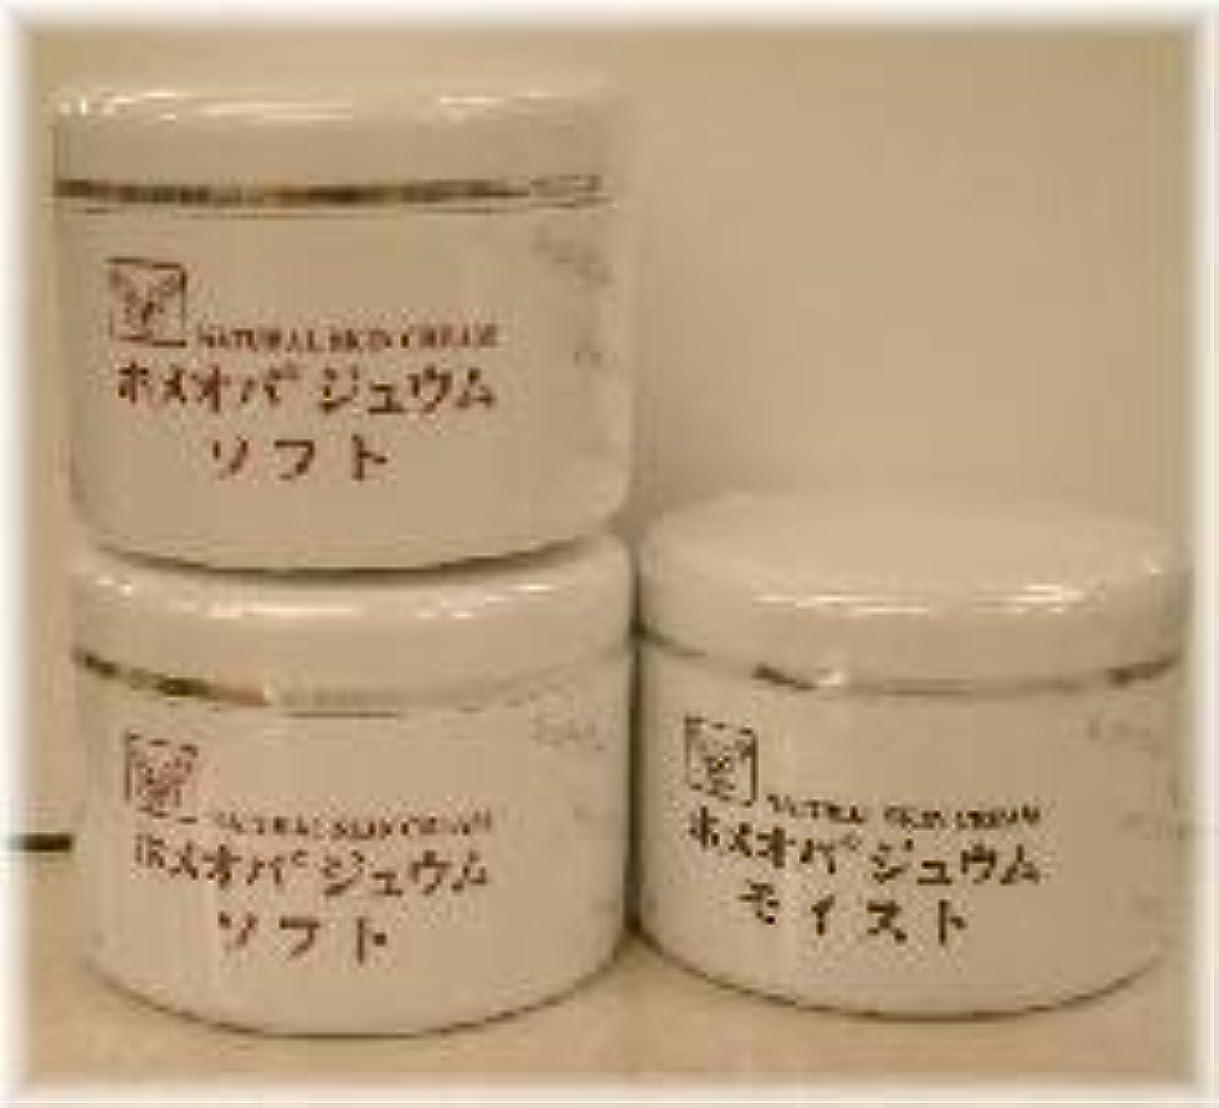 巨大ピクニック投票ホメオパジュウム スキンケア商品3点 ¥10500クリームソフト2個+クリームモイスト